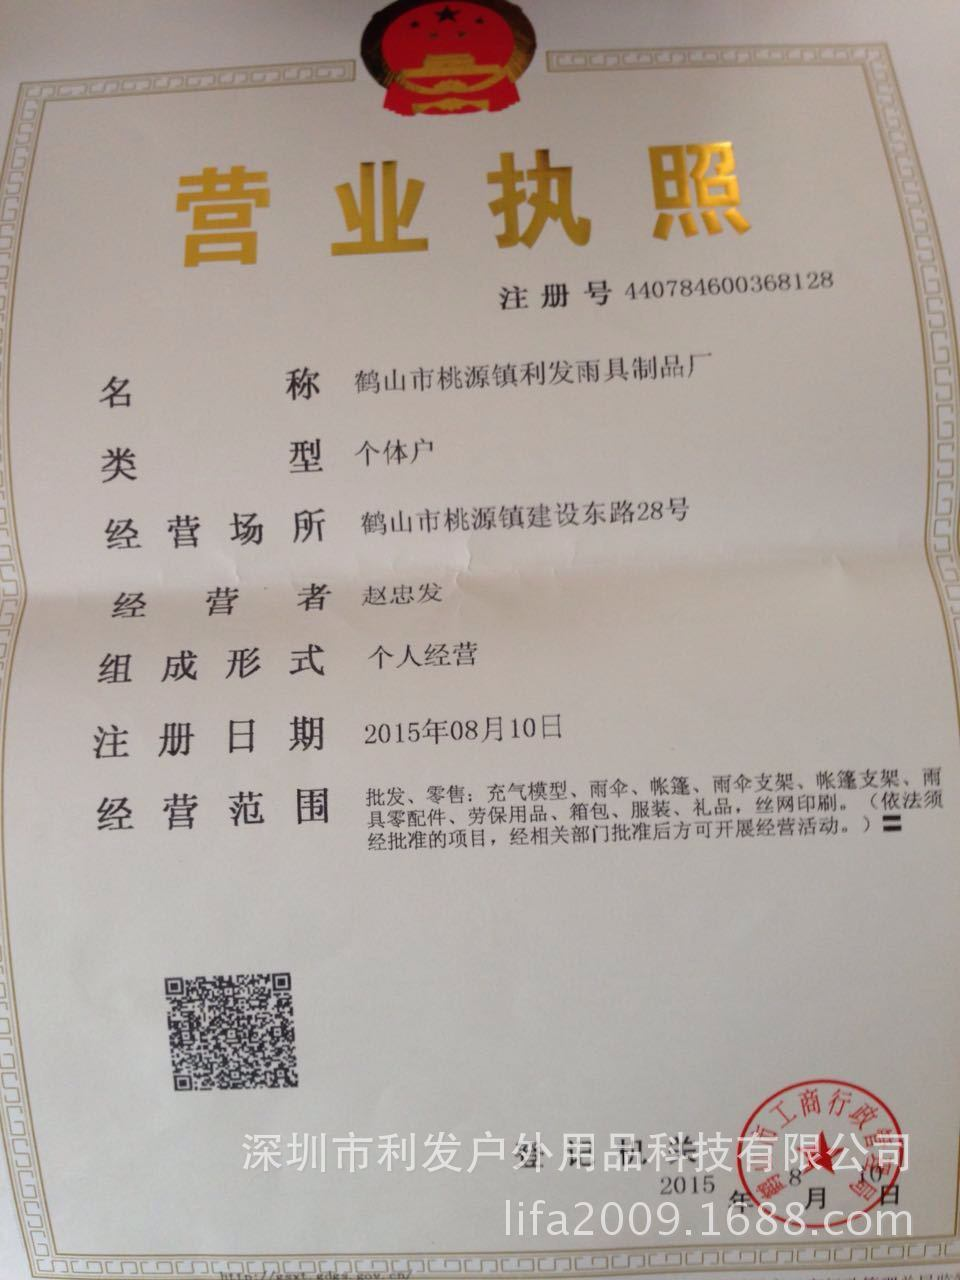 鹤山市桃源镇利发雨具制品厂营业执照